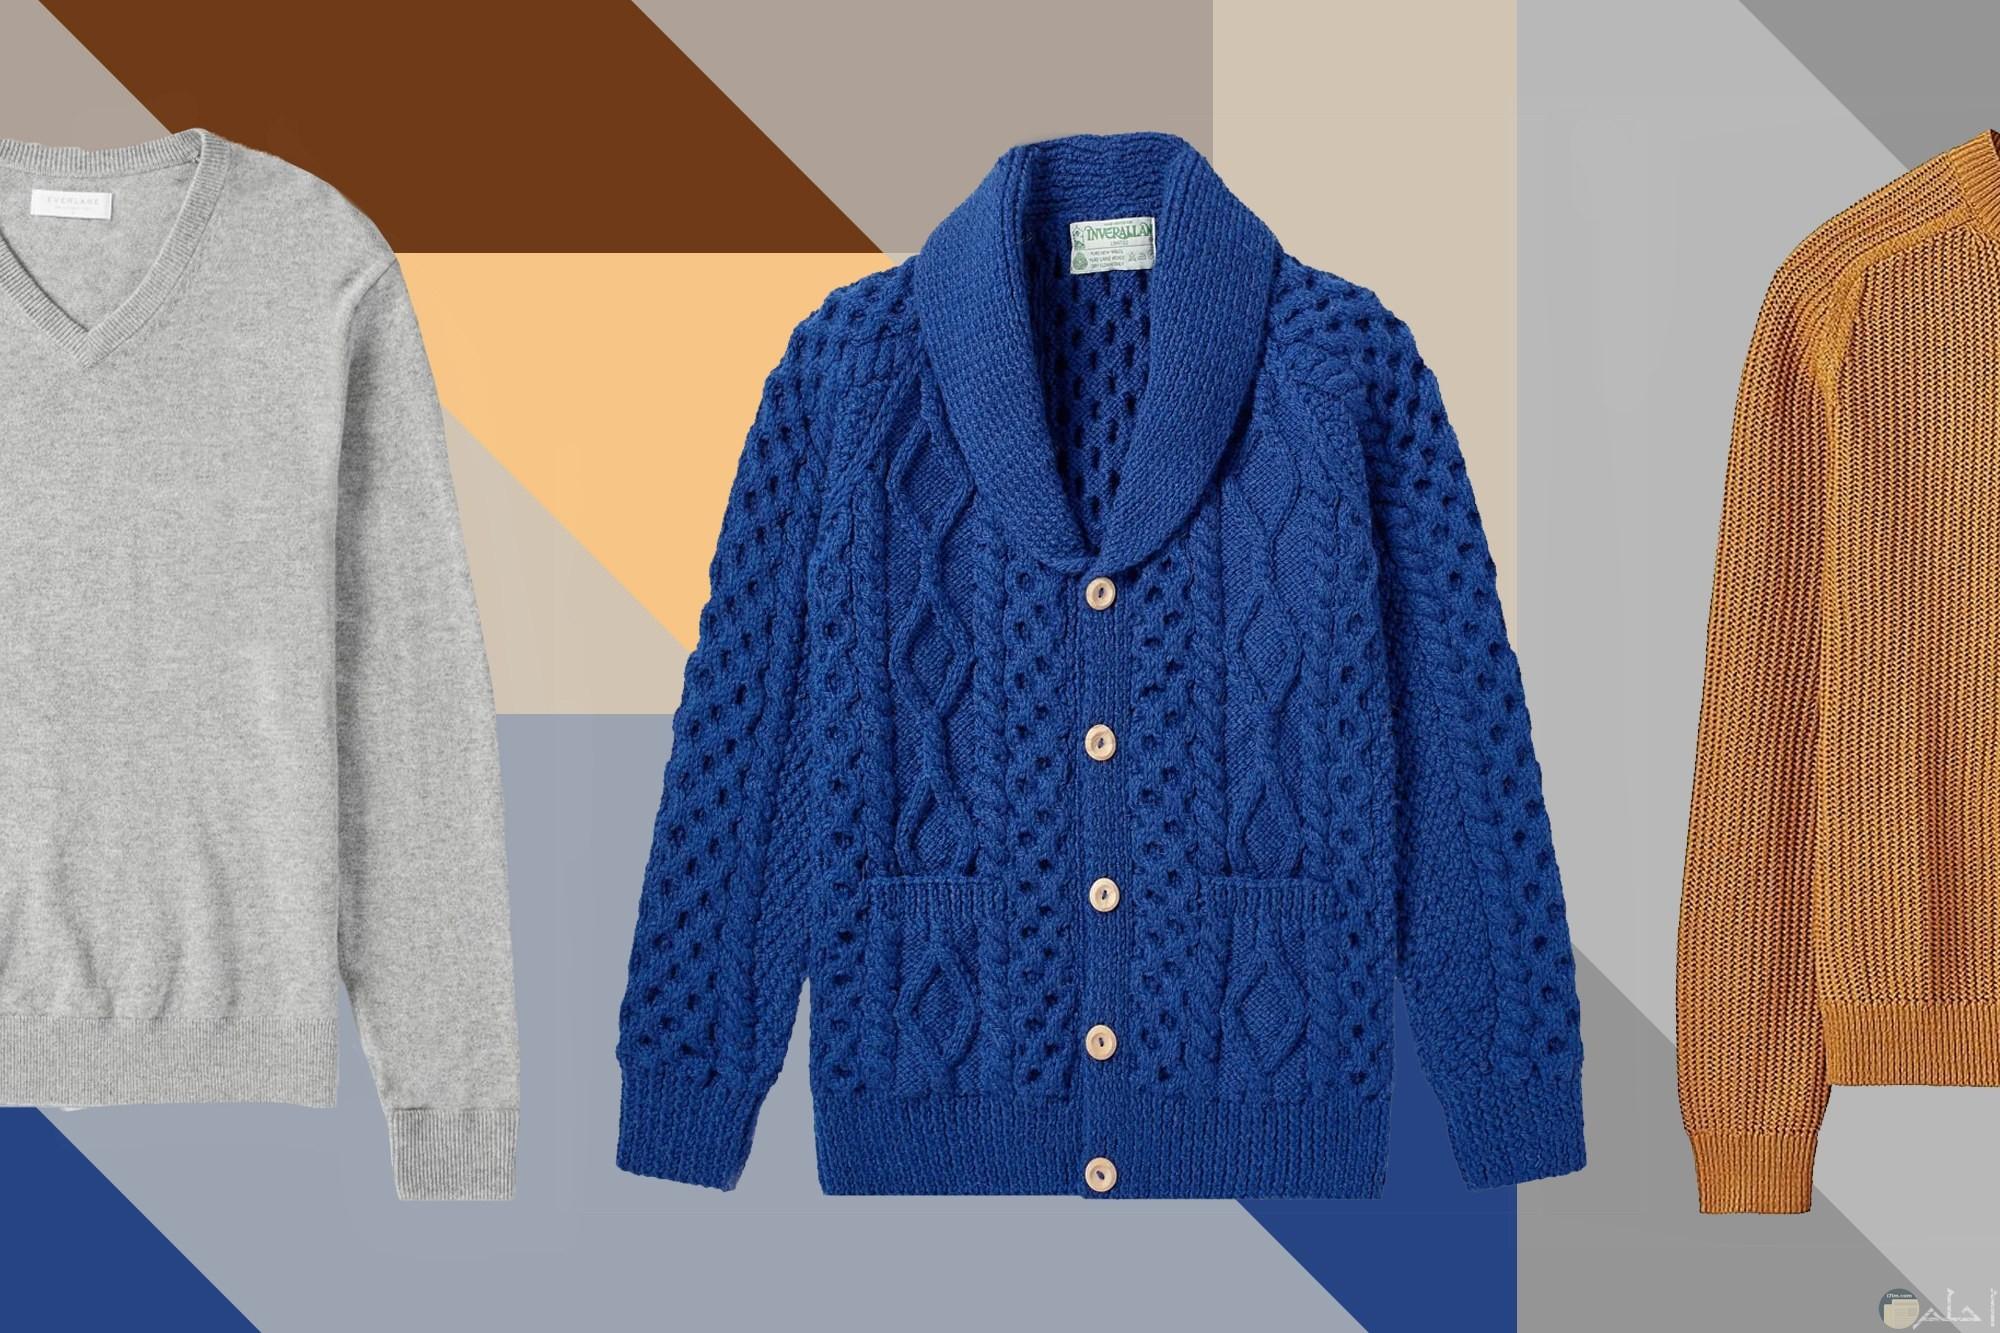 صورة لمجموعة من الملابس الشتوية الجميلة بألوان مختلفة